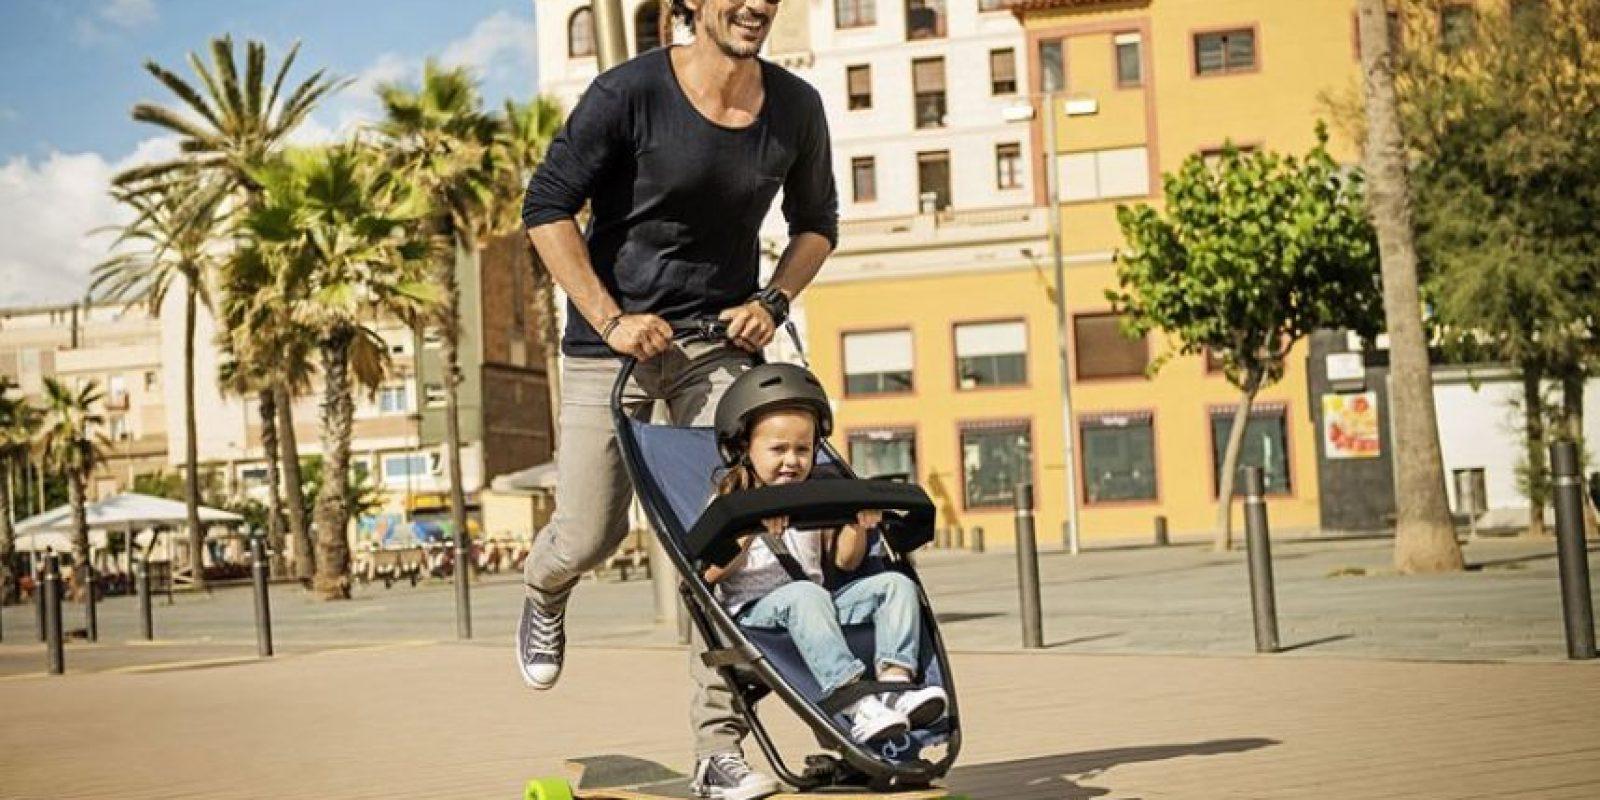 Quinny es una marca europea. Foto:Vía Quinny.com